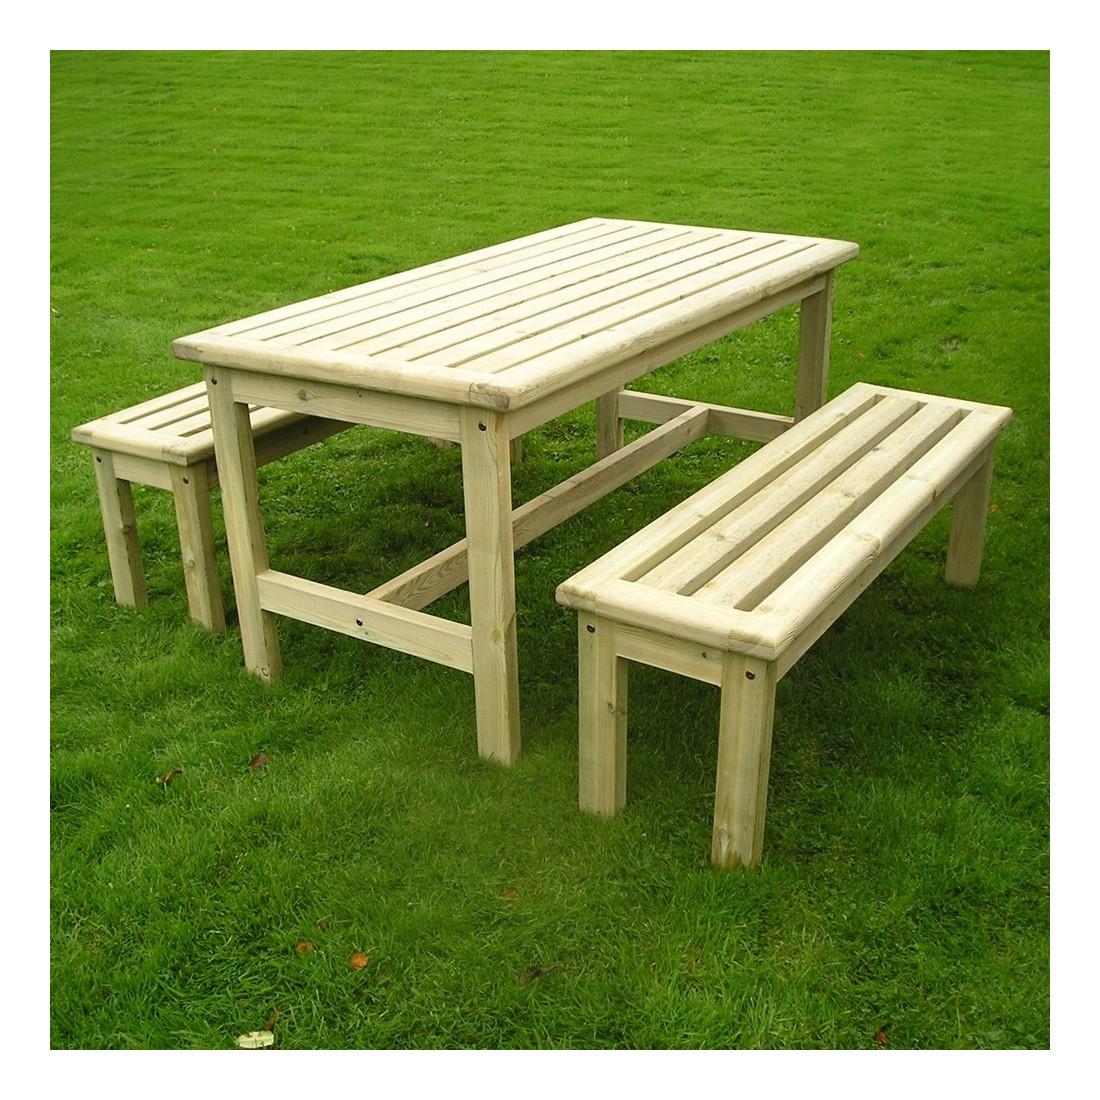 Table De Jardin Avec Bancs L:150Cm avec Table De Jardin En Bois Avec Banc Integre